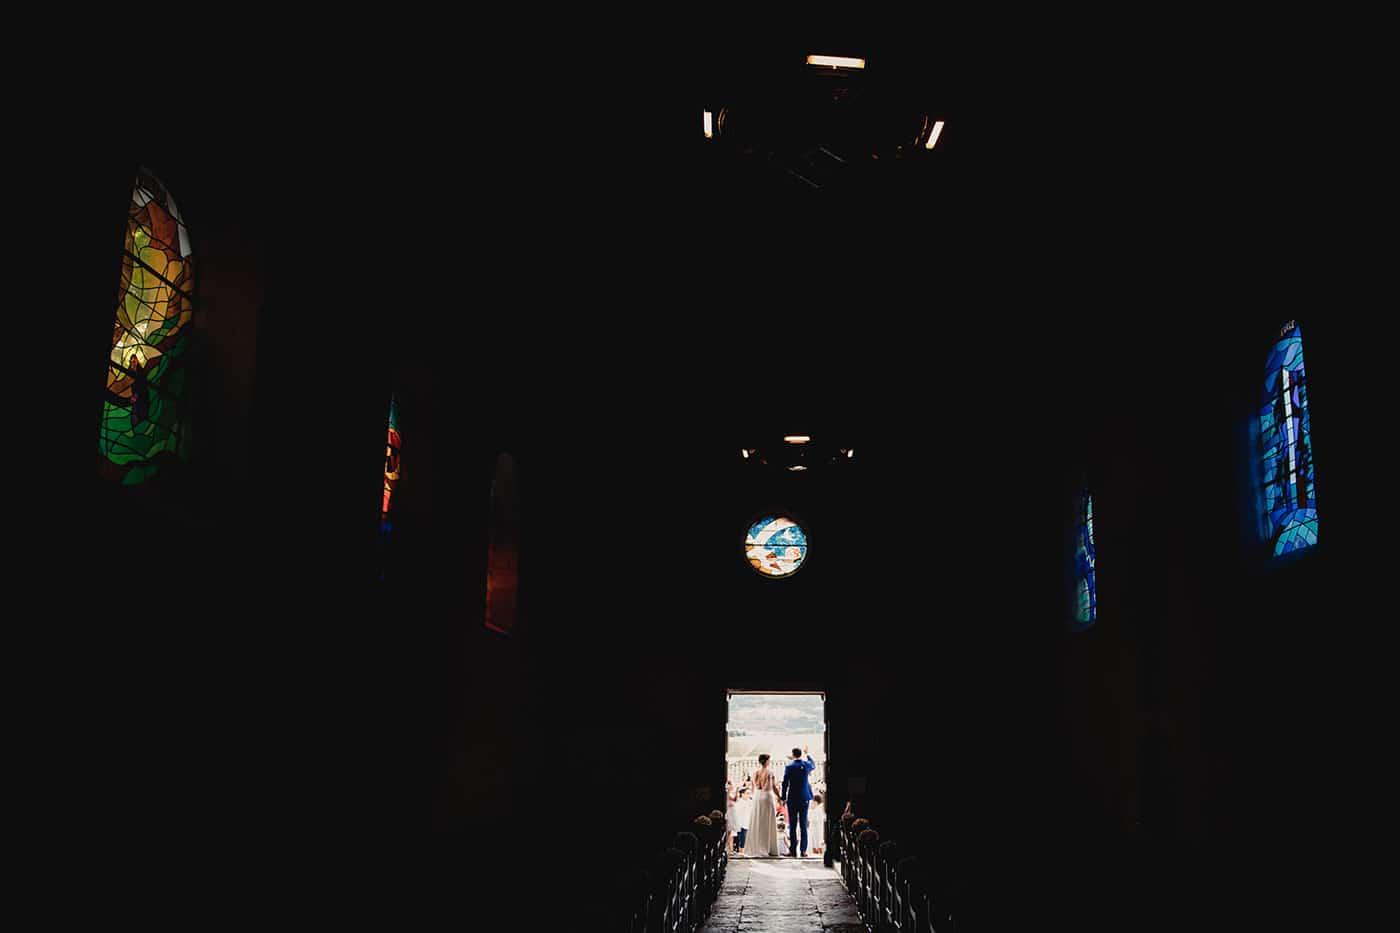 How to choose your wedding photographer 2018 2019 Best Wedding Photographer Photographe de mariage artistique Lyon Castille ALMA photographe de mariage et de famille à Lyon Genève Gustavia